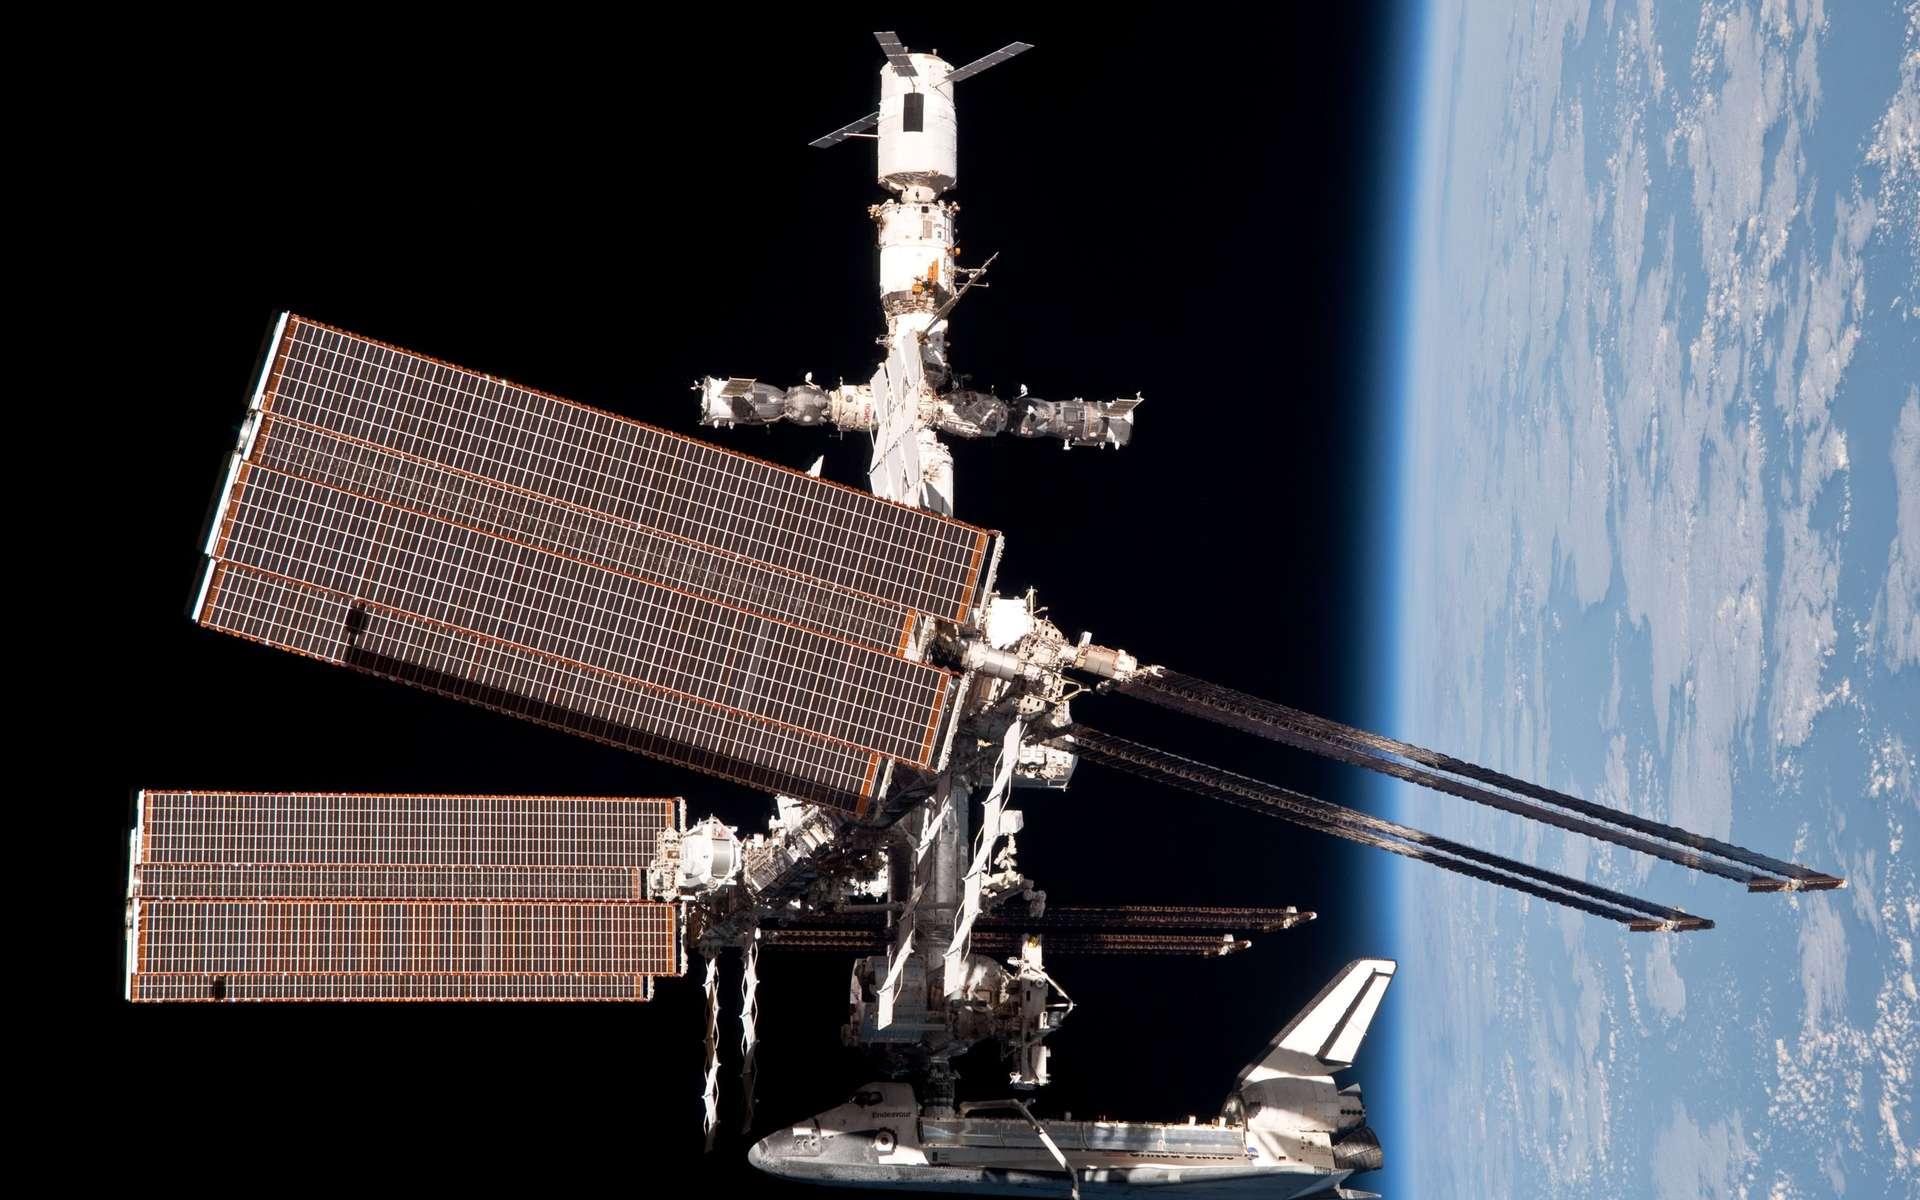 L'avenir de la Station spatiale n'a pas encore été décidé. Elle sera vraisemblablement désorbitée ou séparée en deux morceaux, mais certainement pas en 2020 comme l'ont annoncé à tort certains médias. © Nasa